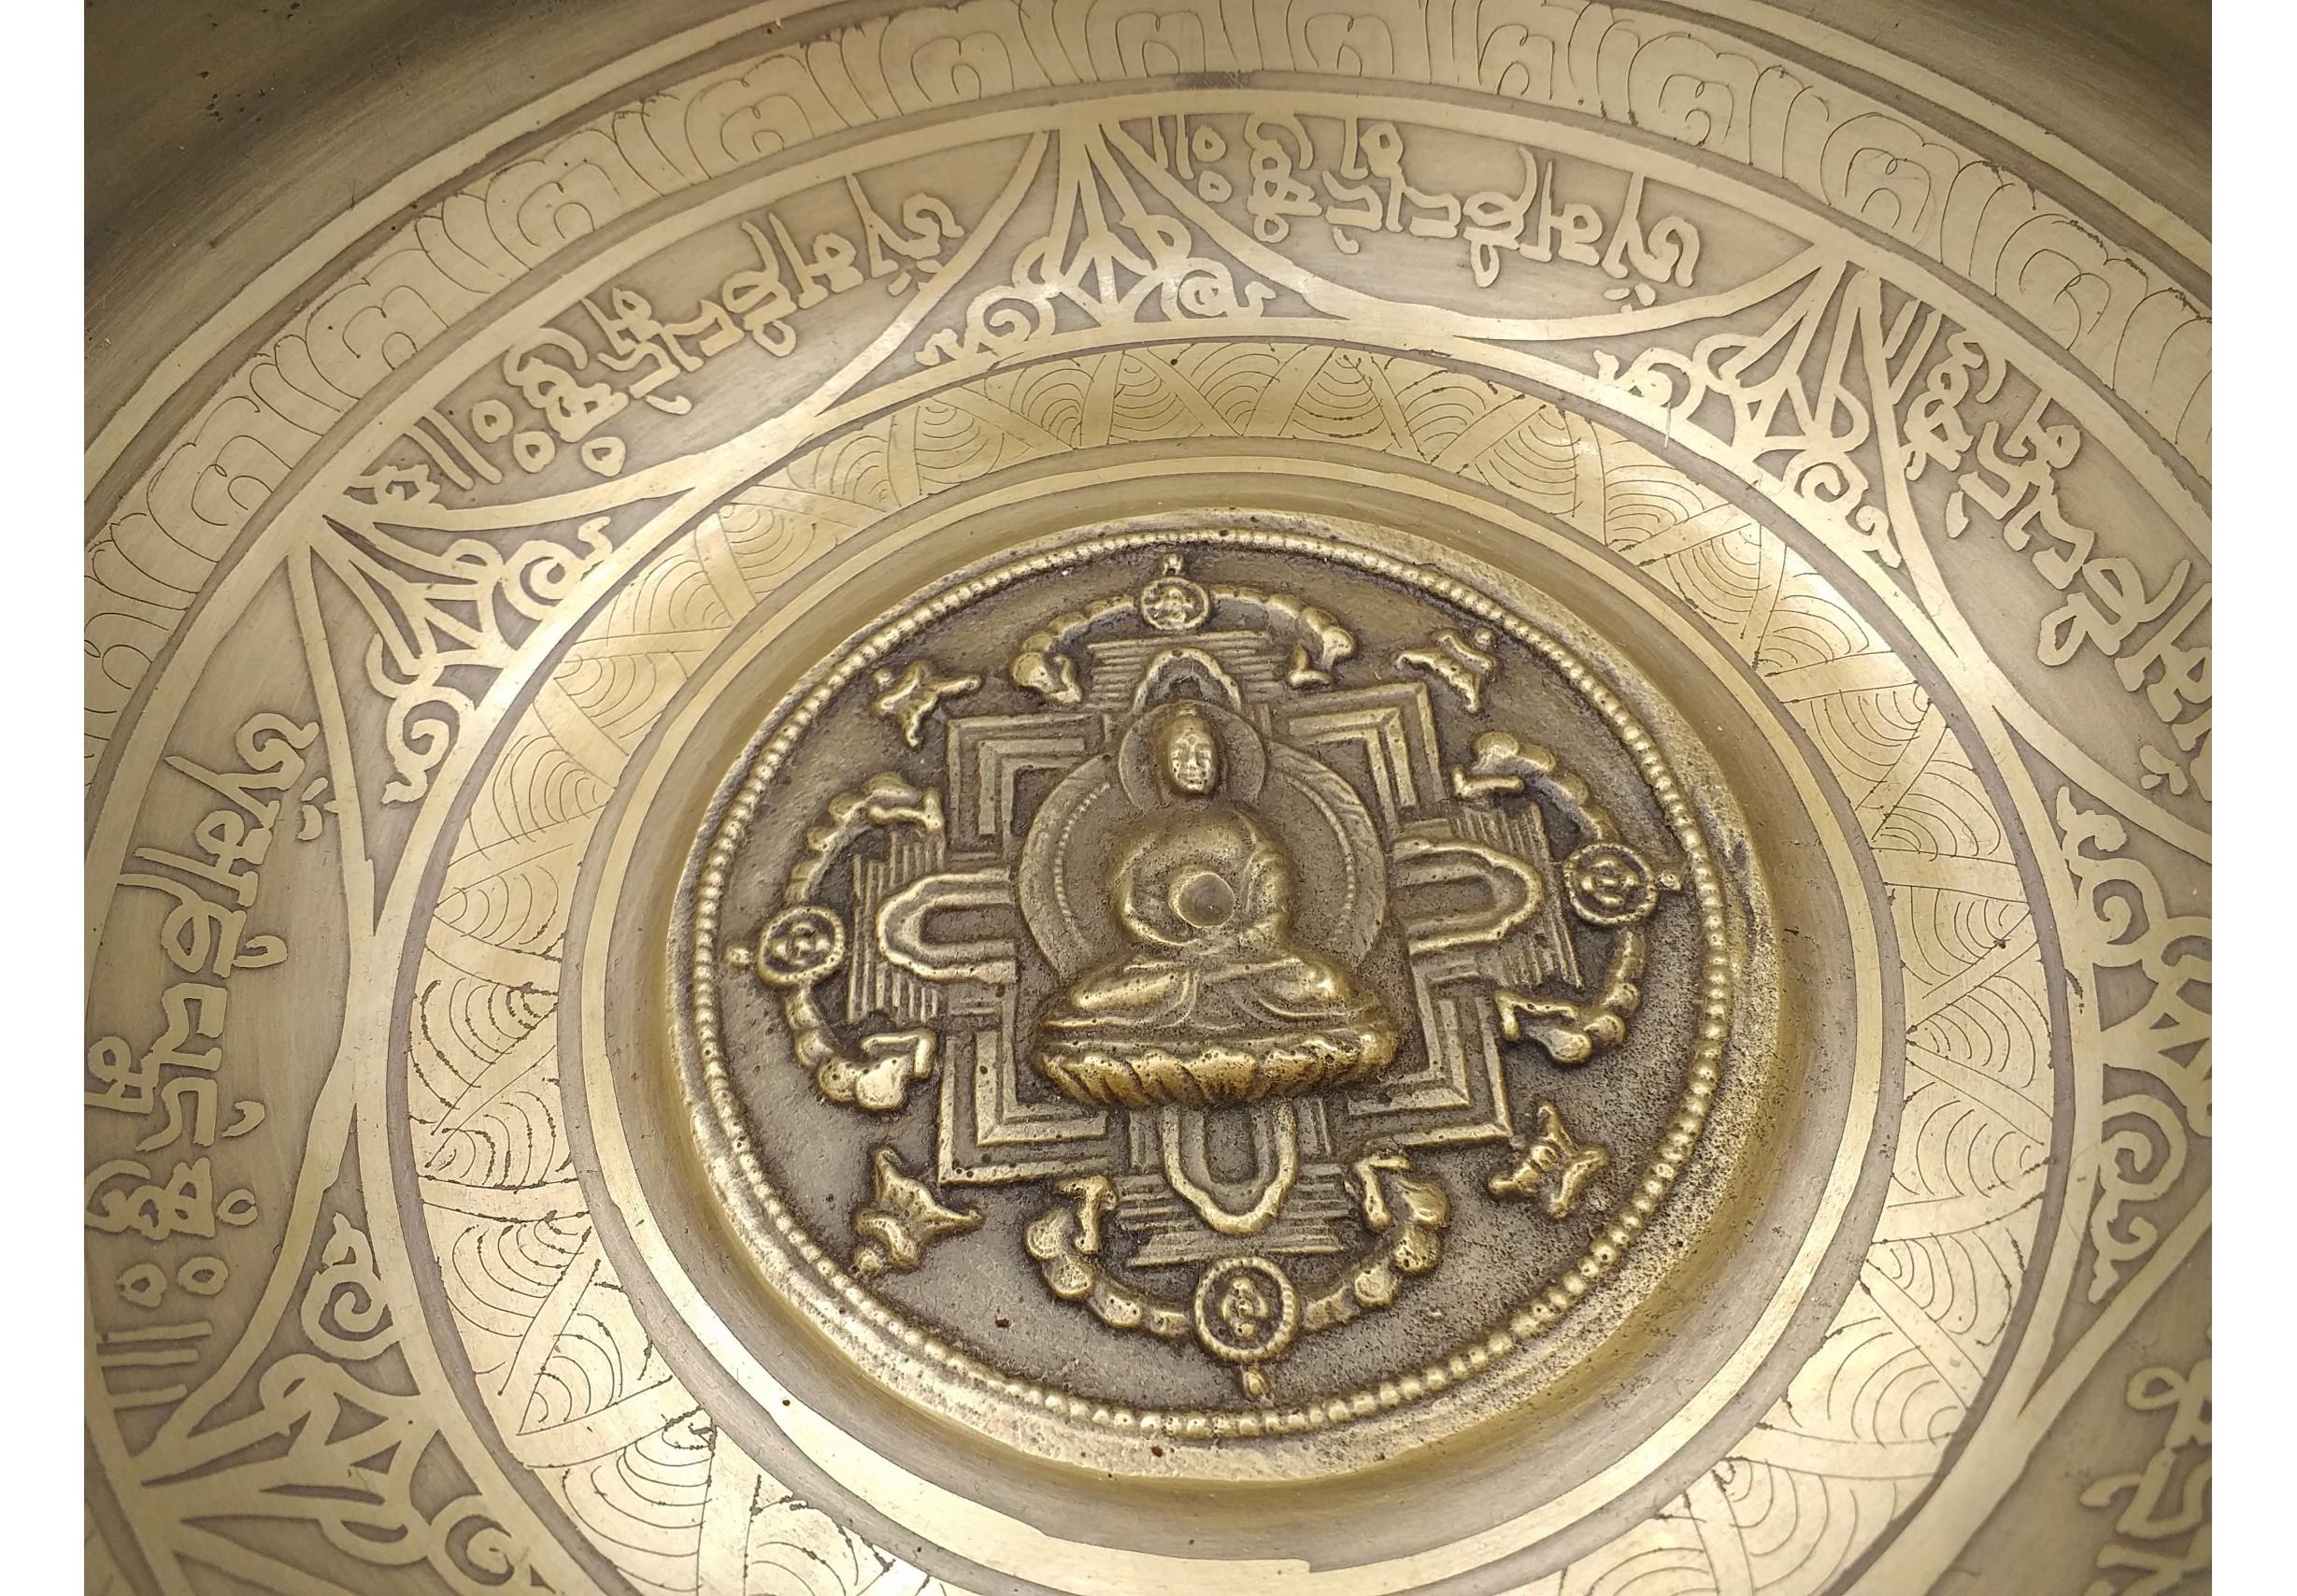 Tibetan singing bowl 6.1 inches